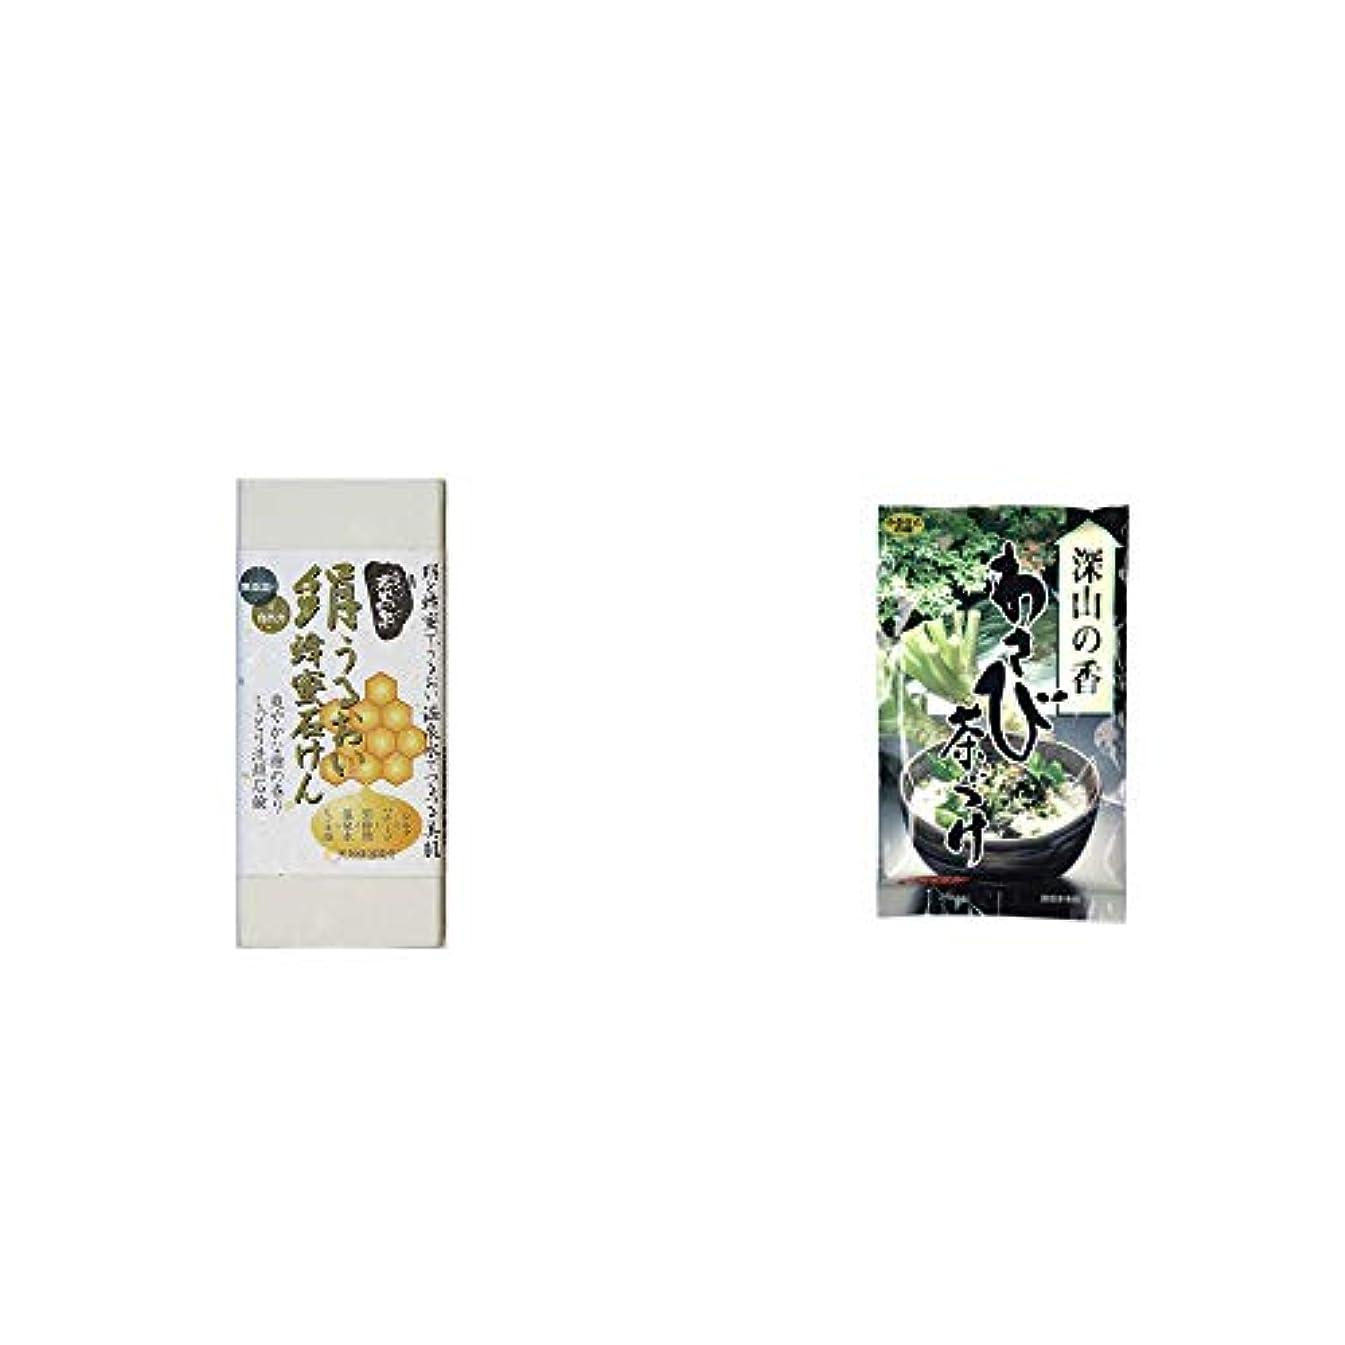 生態学広告主教育学[2点セット] ひのき炭黒泉 絹うるおい蜂蜜石けん(75g×2)?特選茶漬け 深山の香 わさび茶づけ(10袋入)